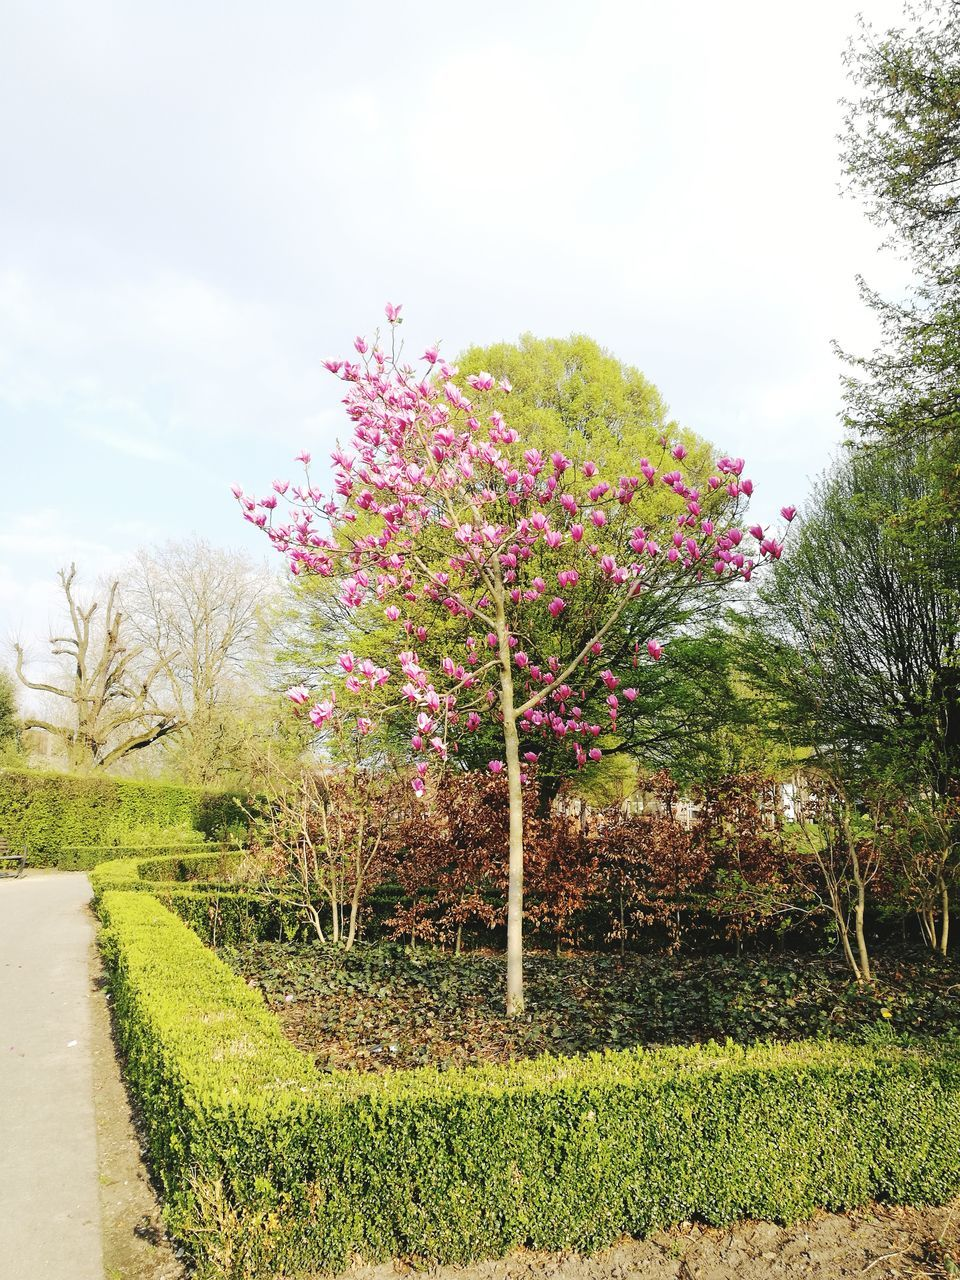 Flowers Growing On Tree Against Sky